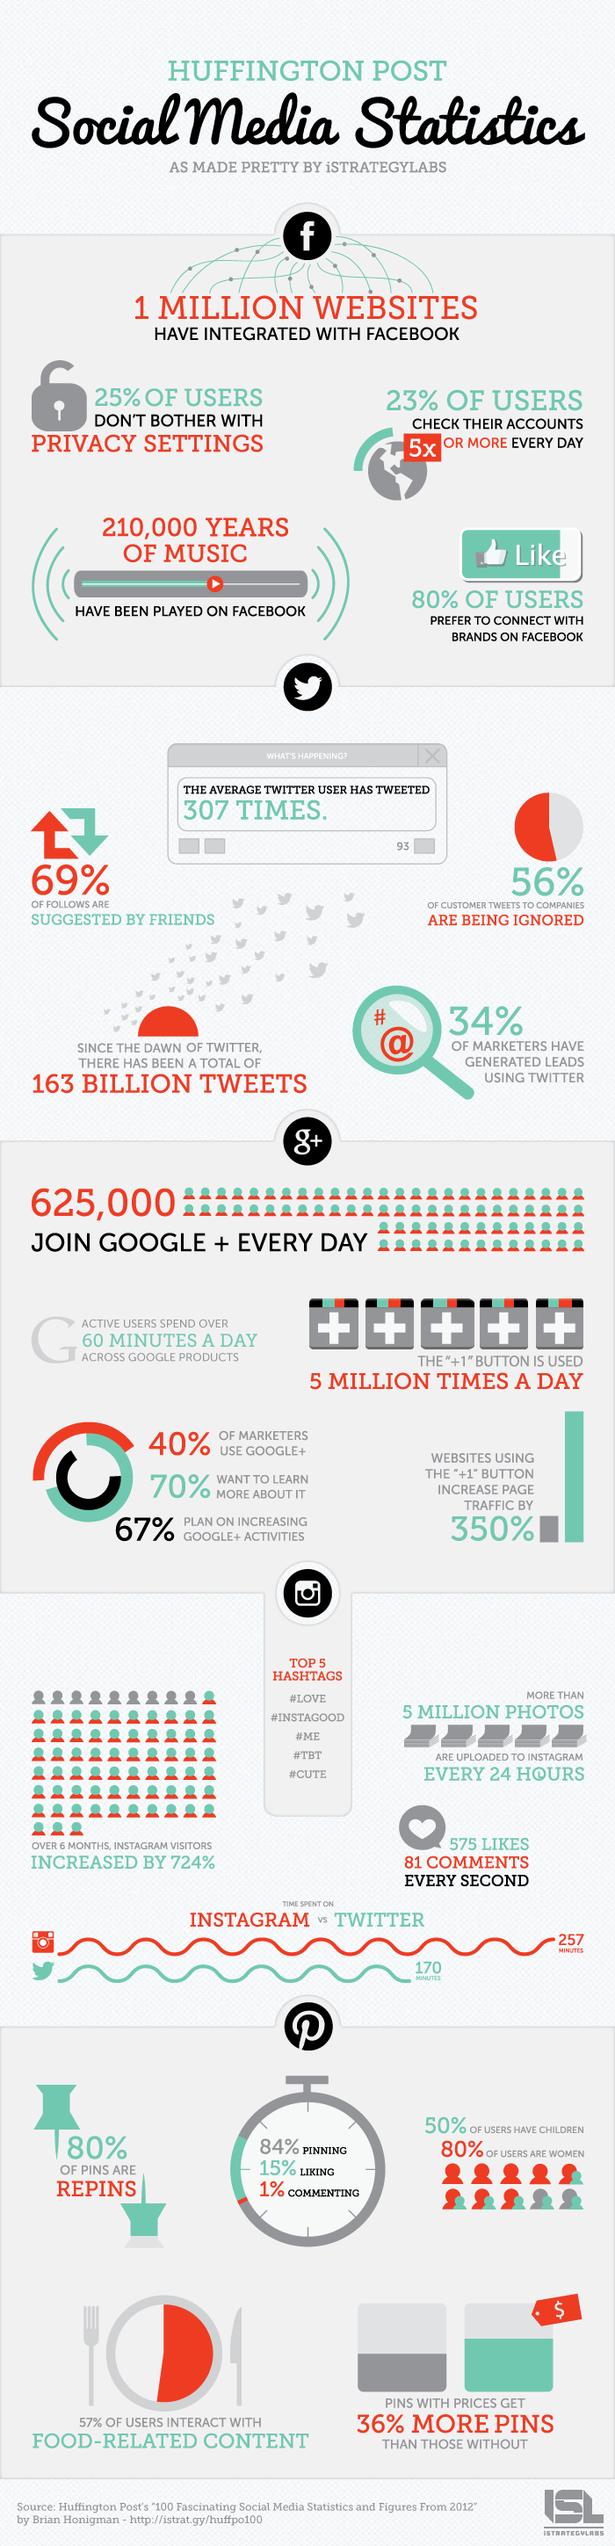 Repaso a las estadísticas del social media en 2012 (Infografía).  Huffington Post ha realizado un repaso a las estadísticas más jugosas que ha dejado tras de sí un año definitorio para el social media.